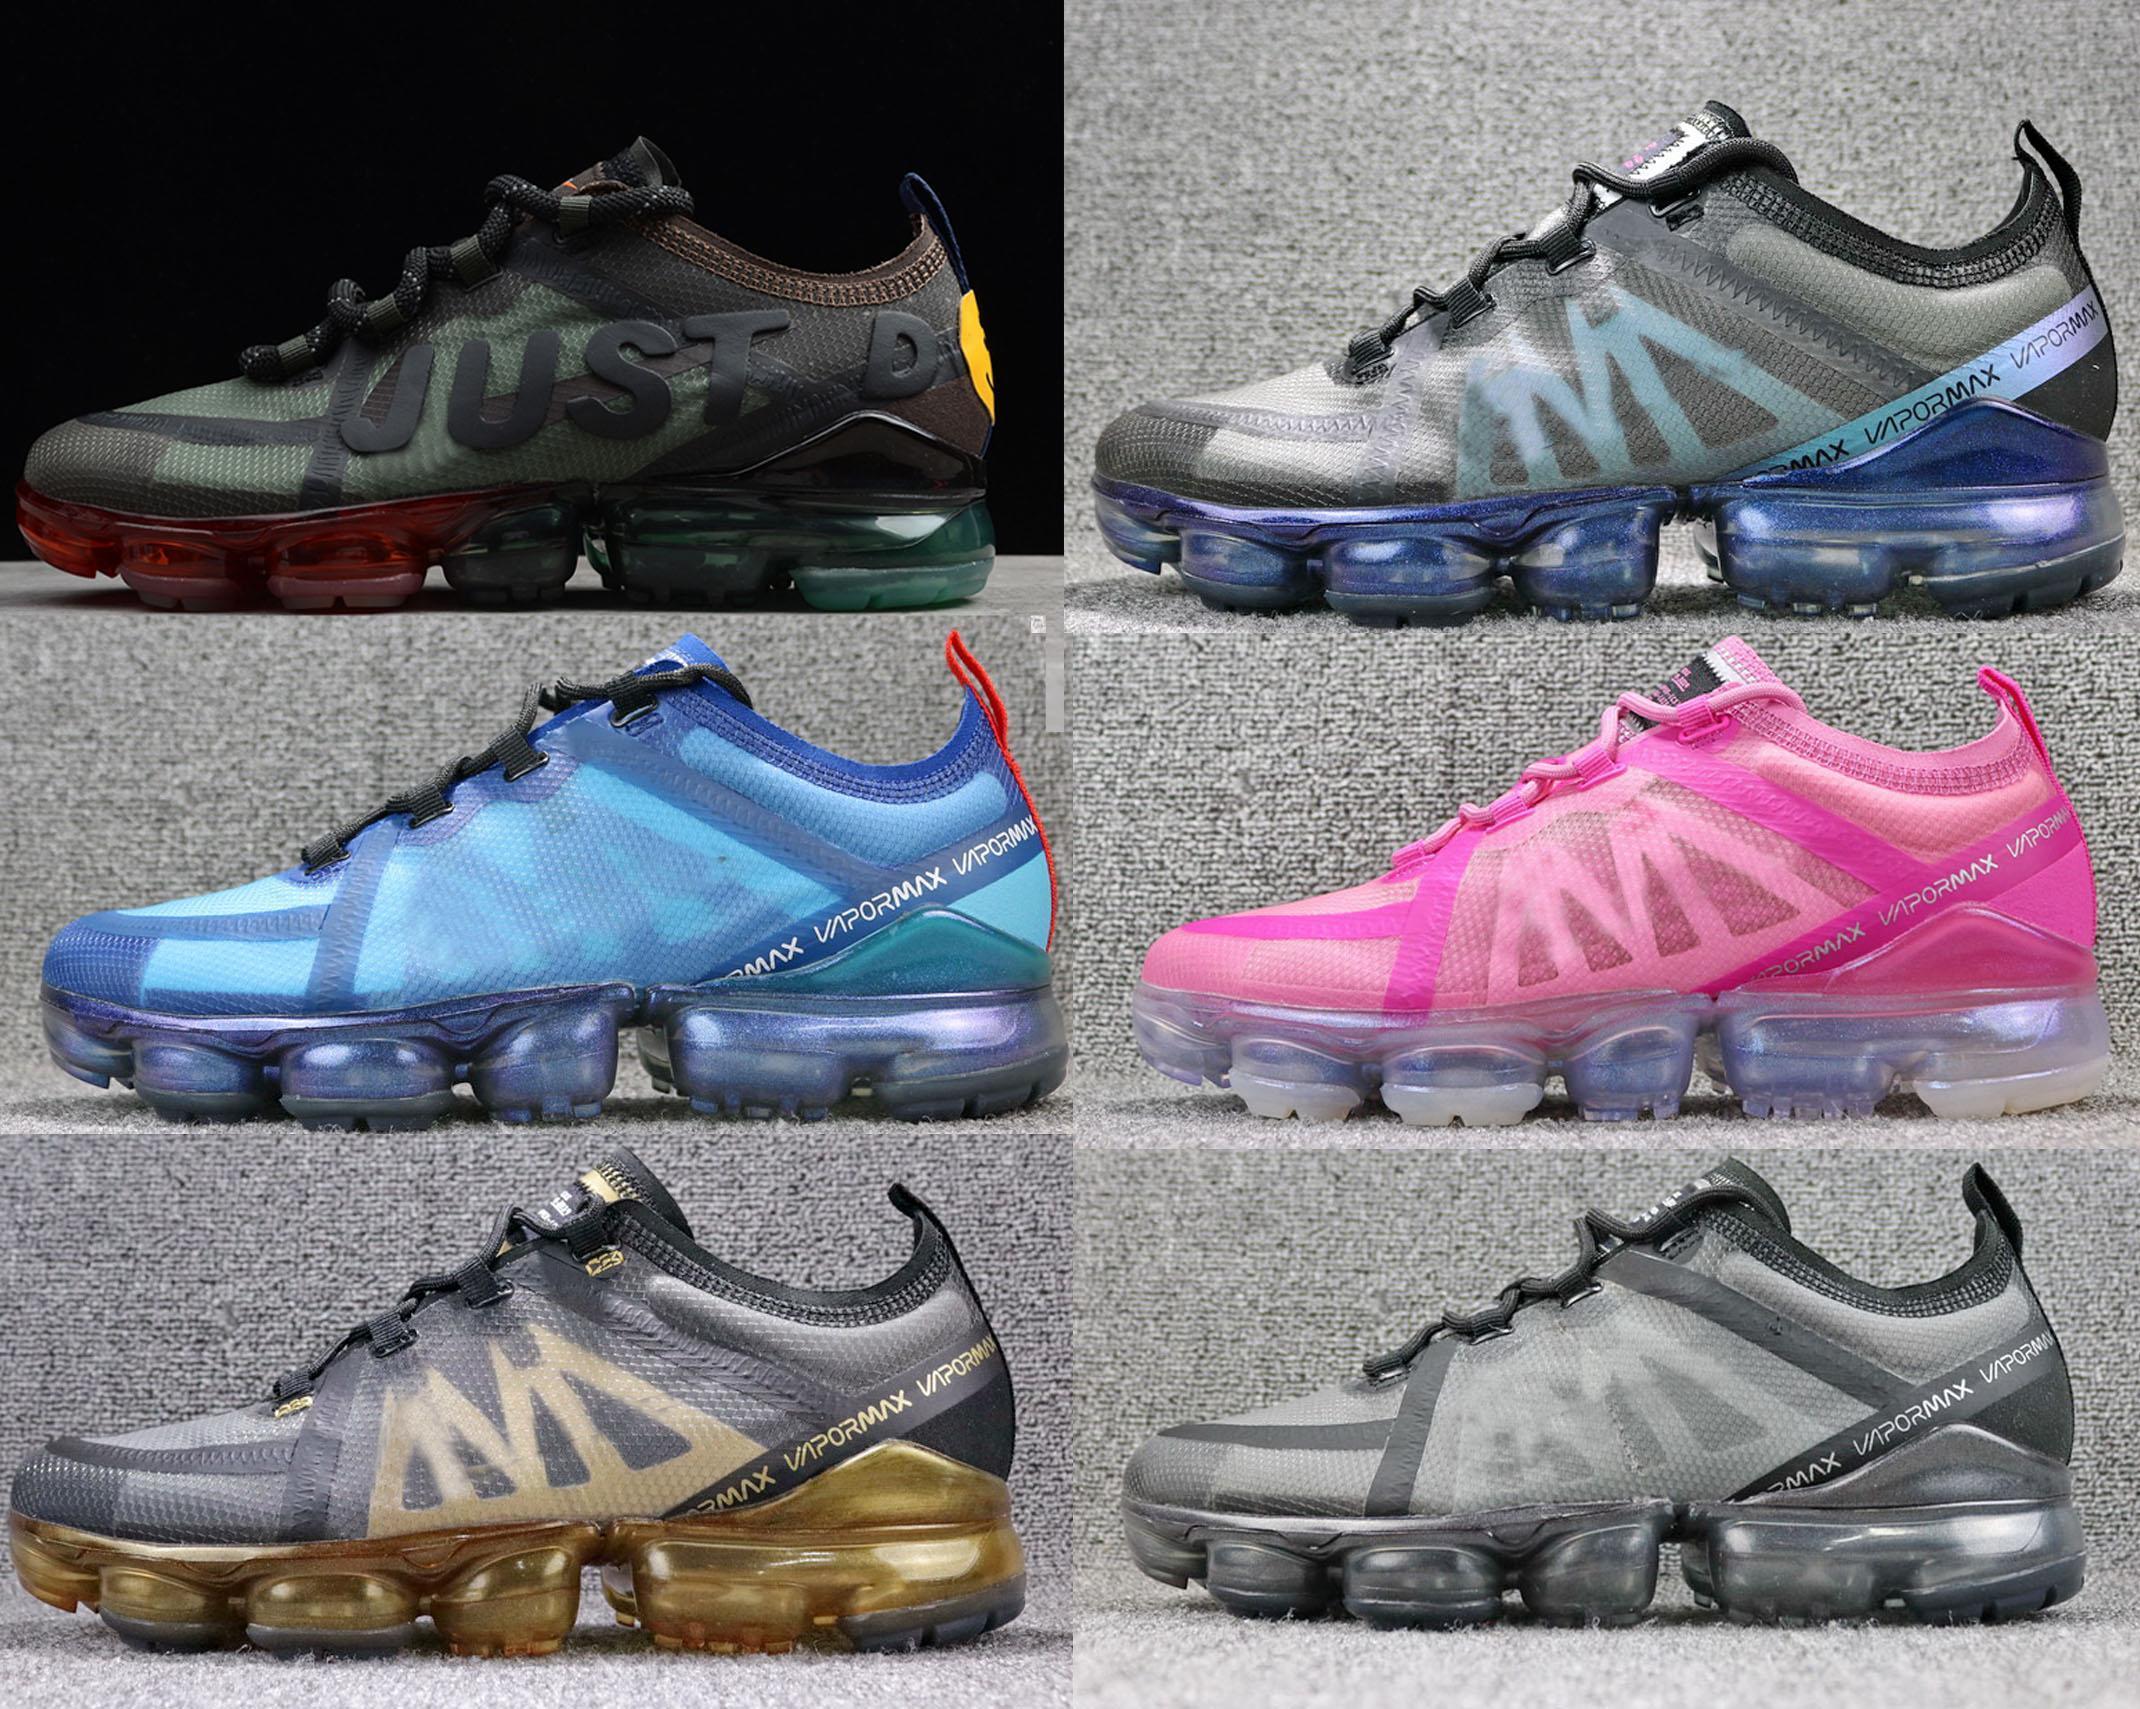 2019 AIR3.0 triples mujeres del diseñador zapatilla Plataforma zapatillas de deporte zapatos de los hombres al aire libre de baloncesto retro joo8272 de baloncesto